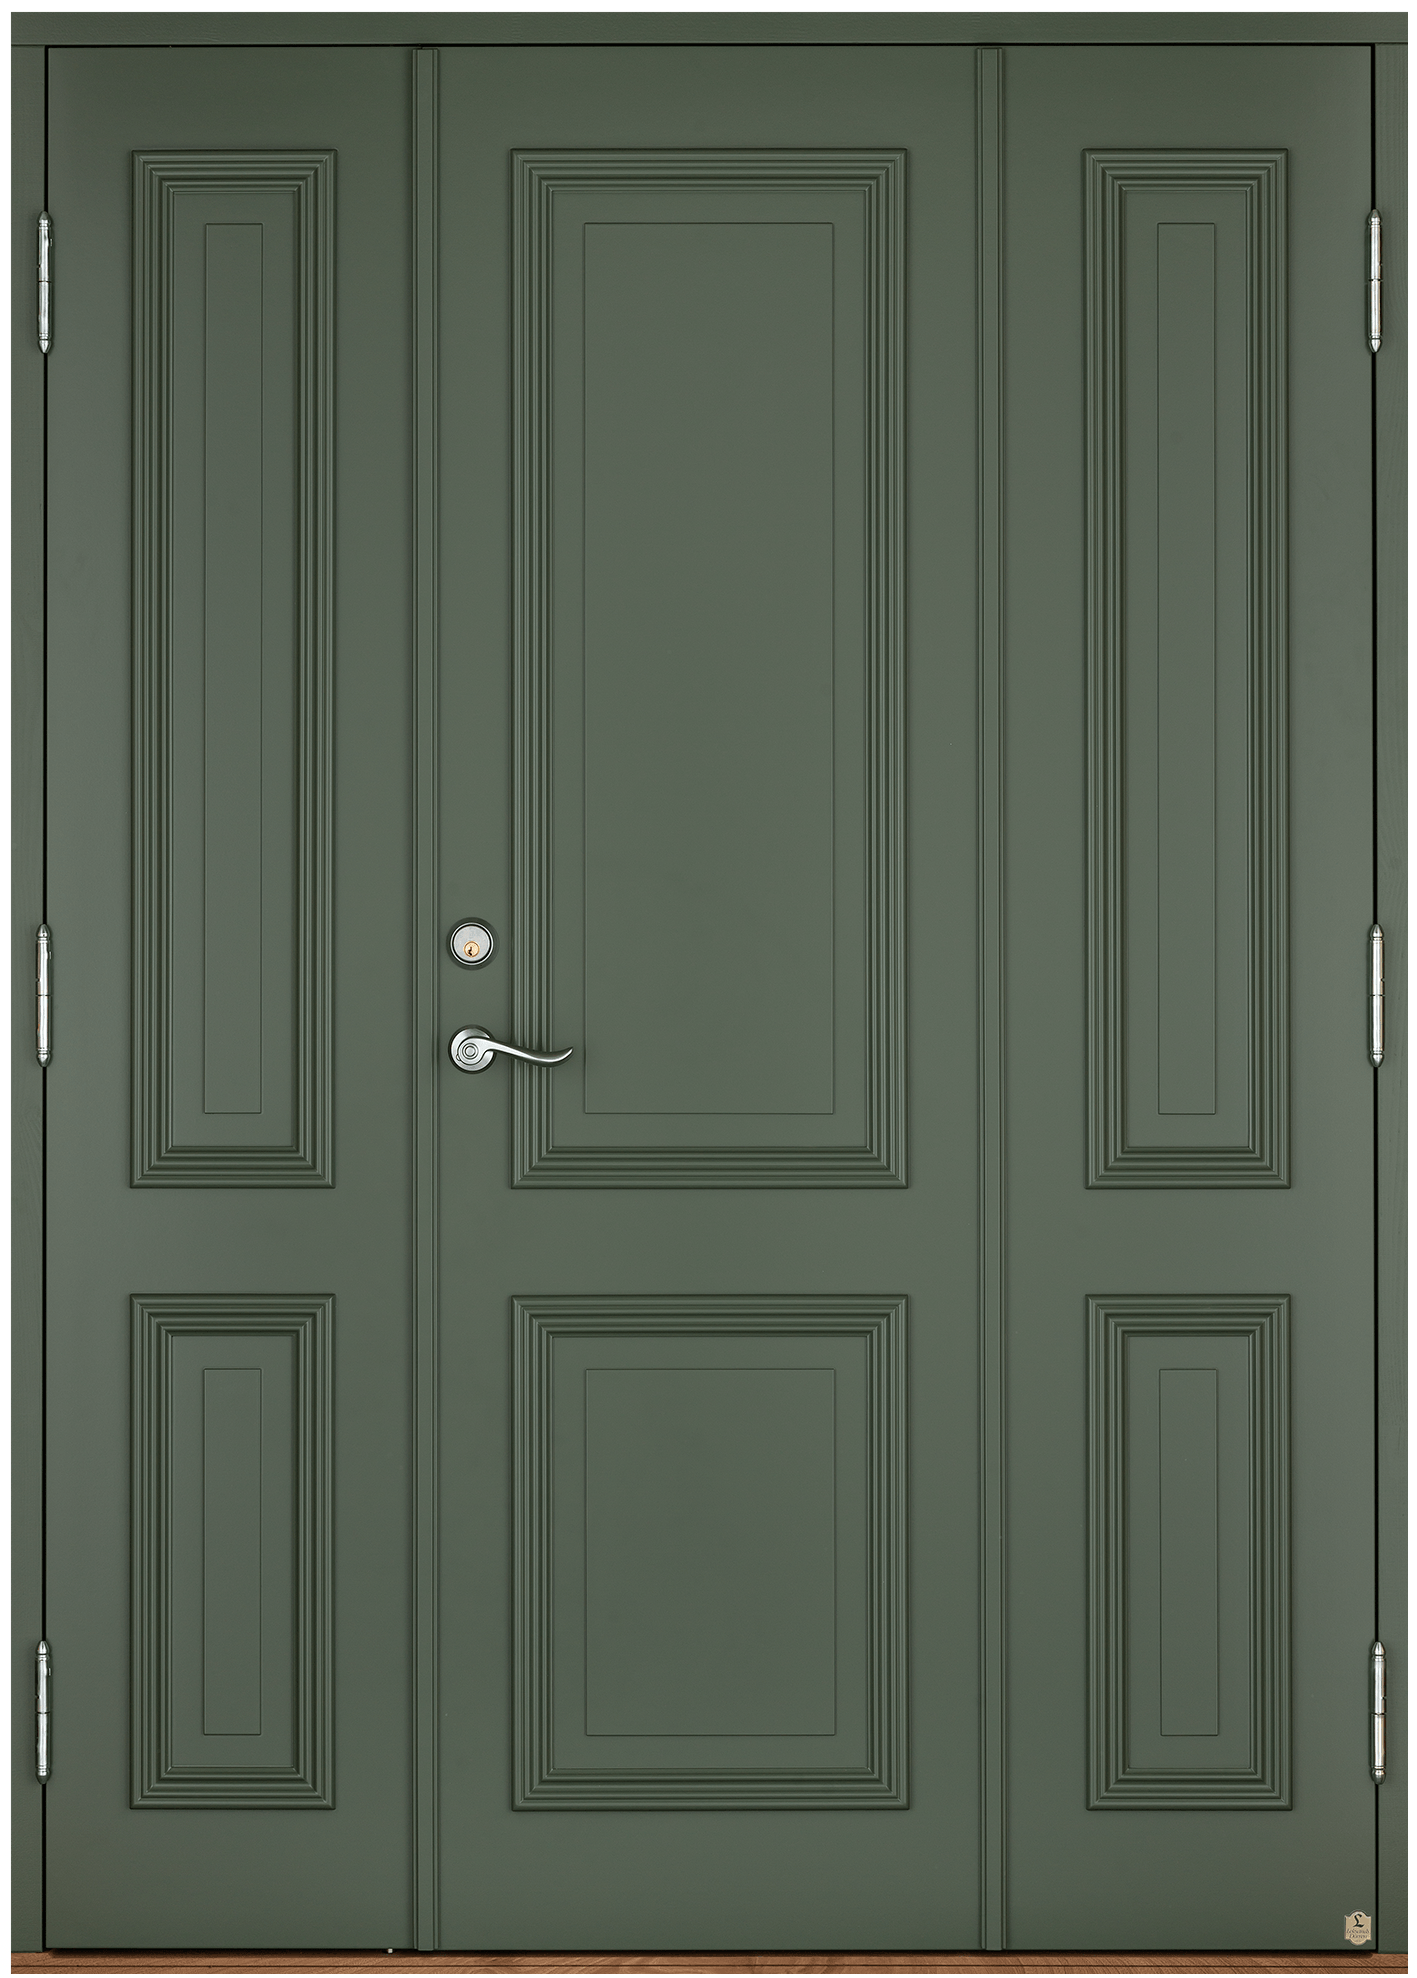 Pardörrar - Leksandsdörren & Pardörrar - Leksandsdörren | Hus och trädgård | Pinterest